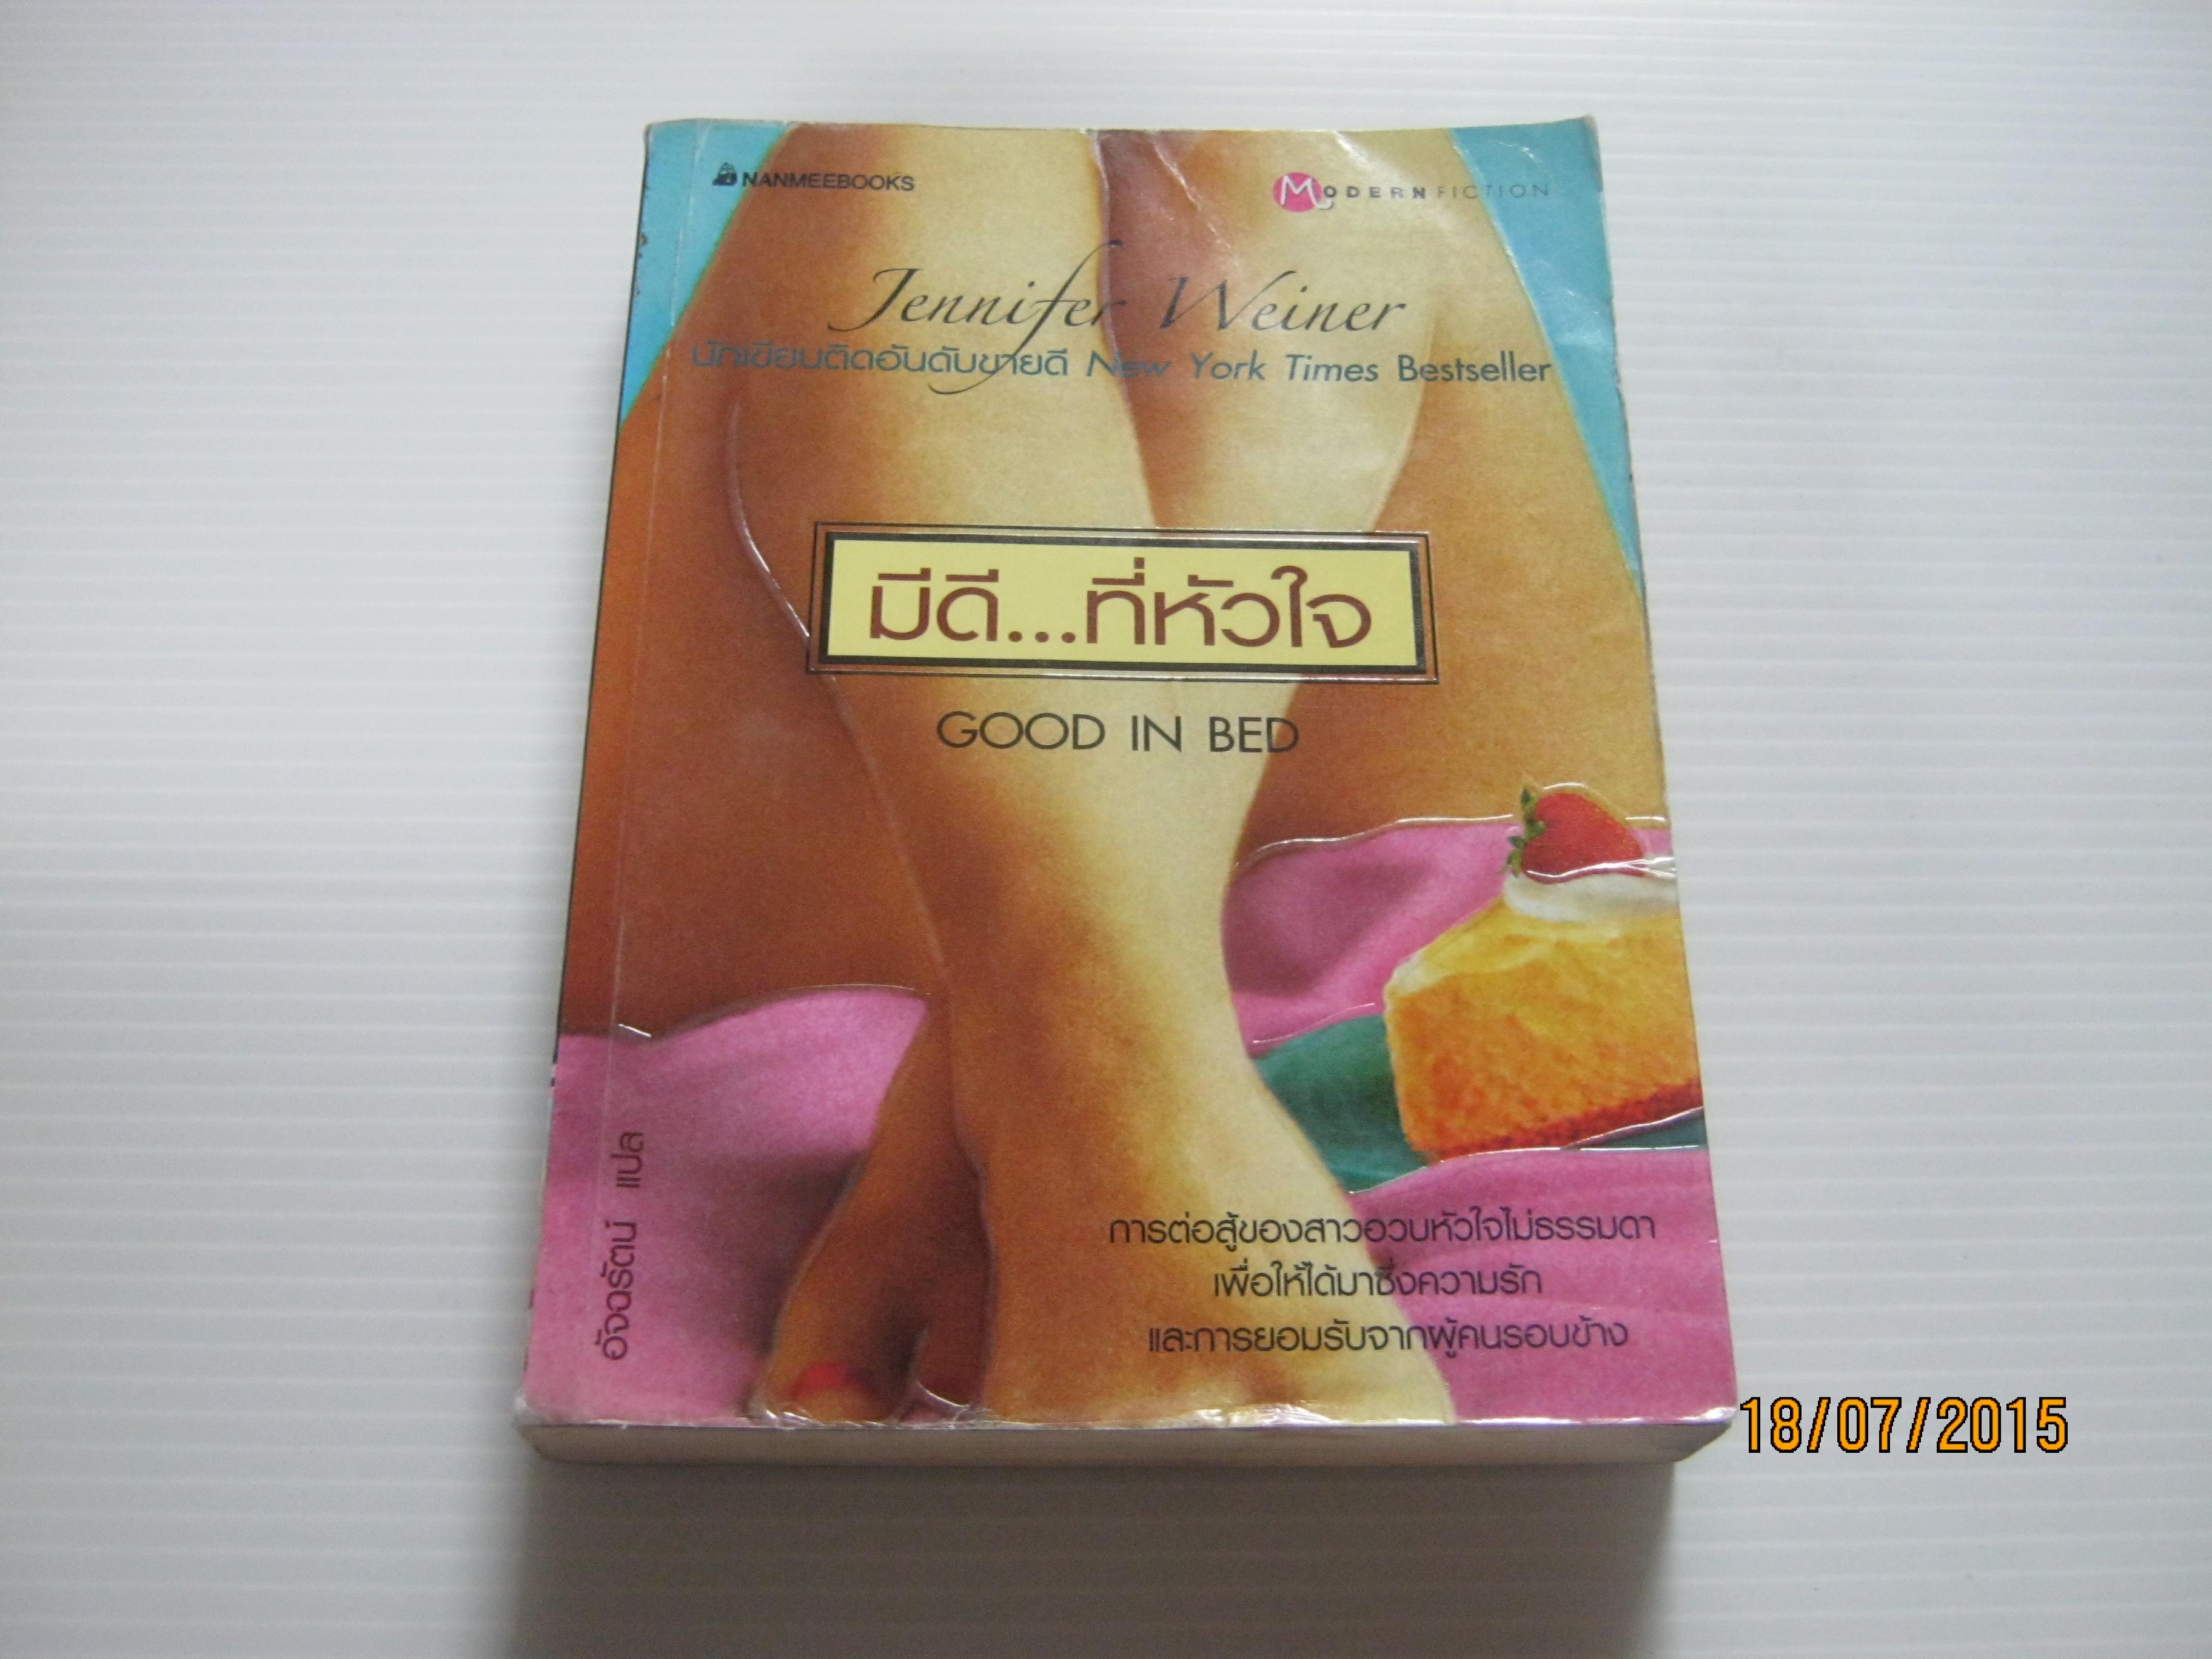 มีดี...ที่หัวใจ (Good in Bed) Jennifer Weiner เขียน อัจฉรัตน์ แปล